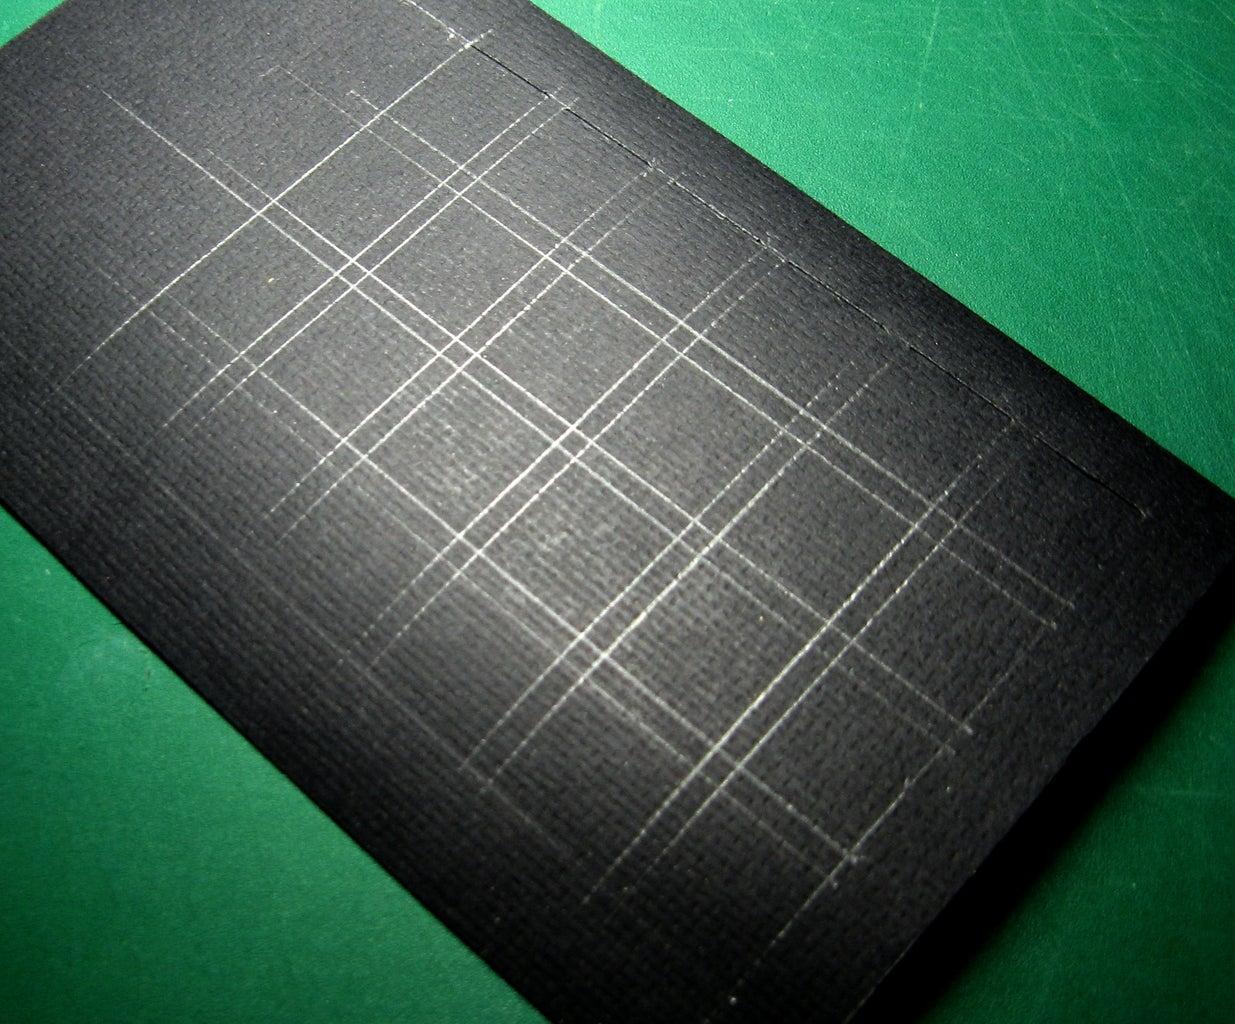 Mark Your Black Cardboard